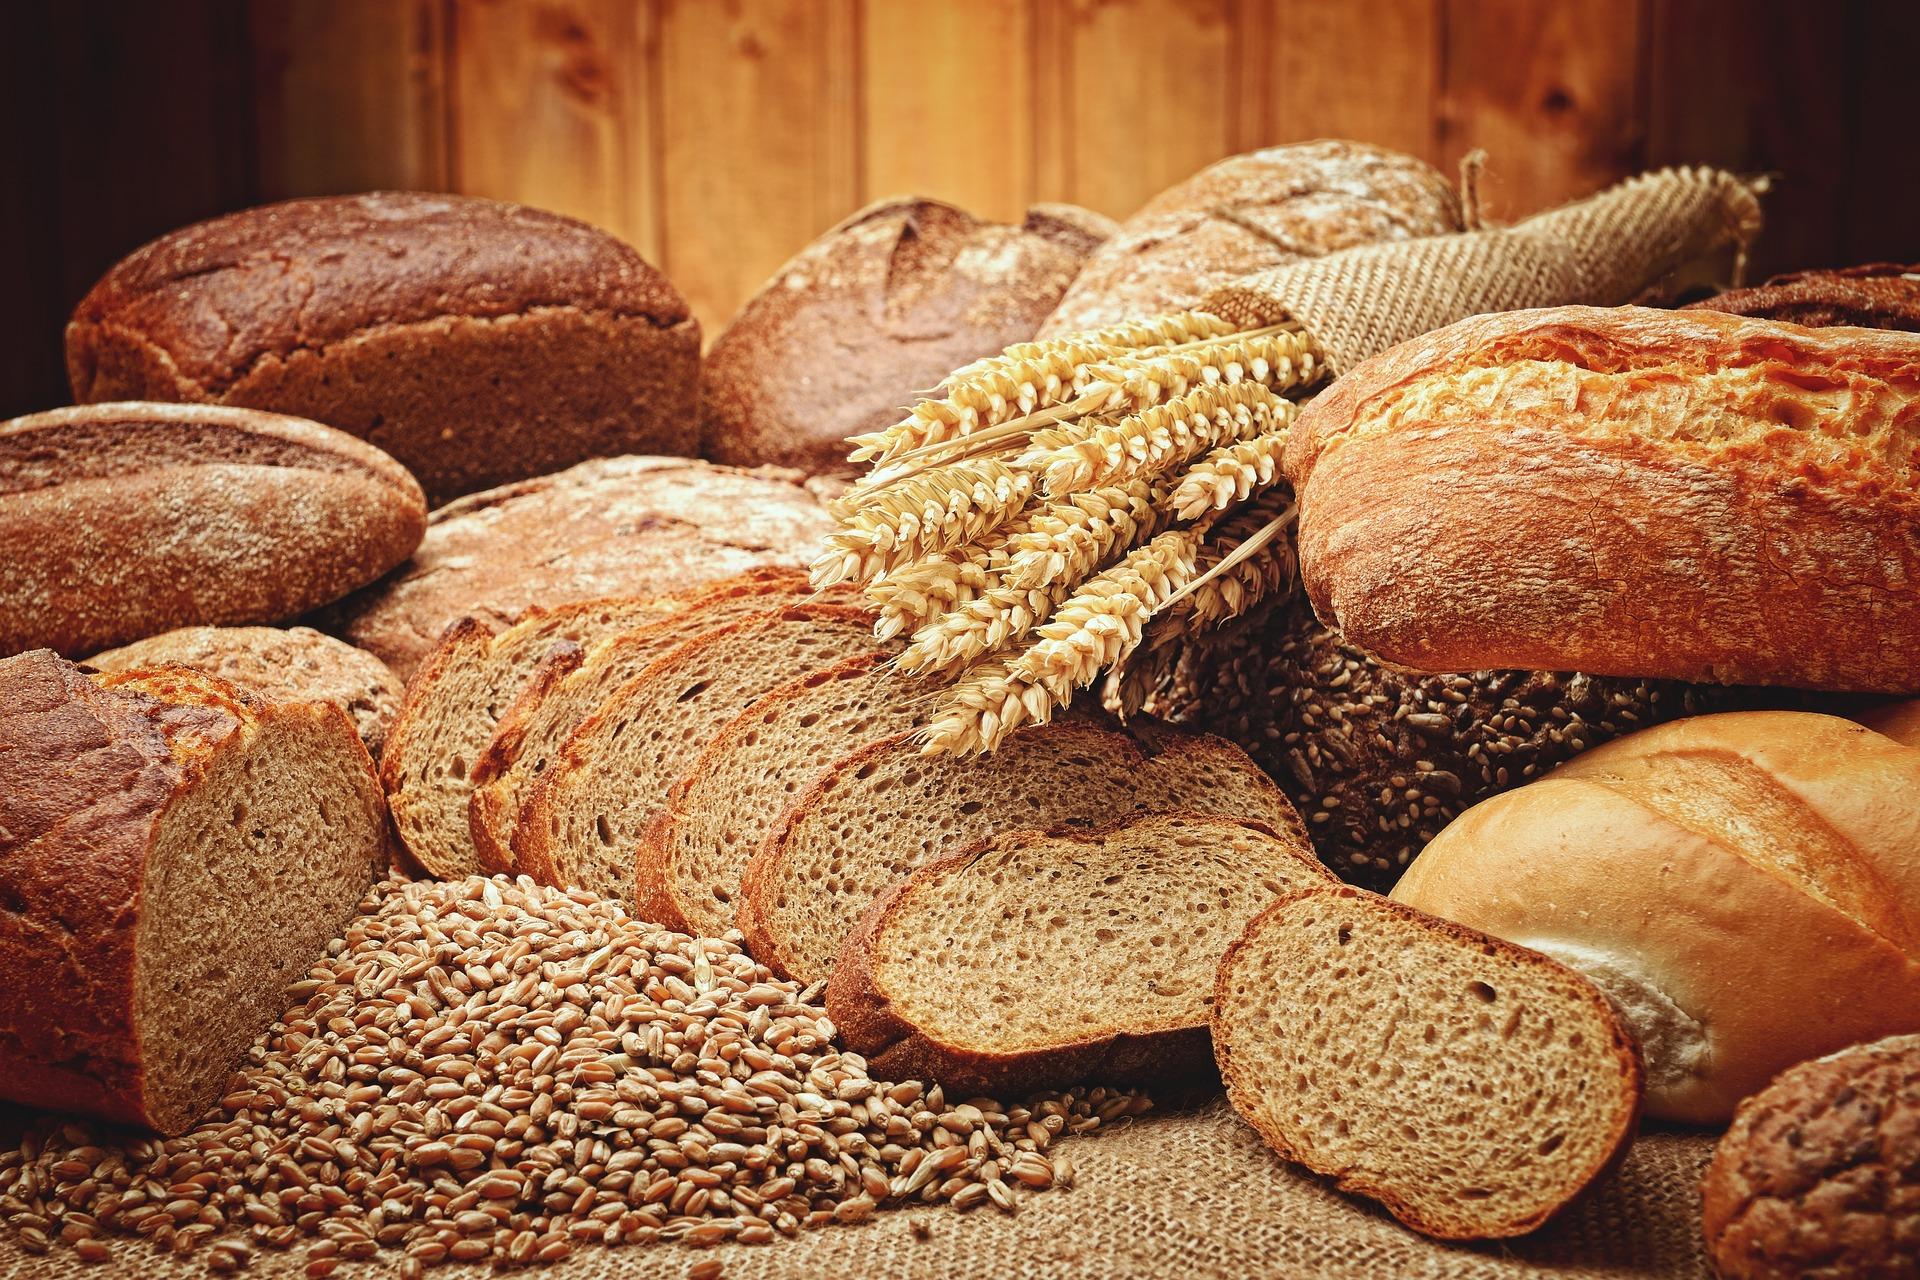 In realtà è preferibile un bel panino fresco integrale a questi sostitutivi del pane - Oltre ad essere prodotti confezionati e quindi spesso trattati con sostanze conservanti, hanno più calorie rispetto al pane.